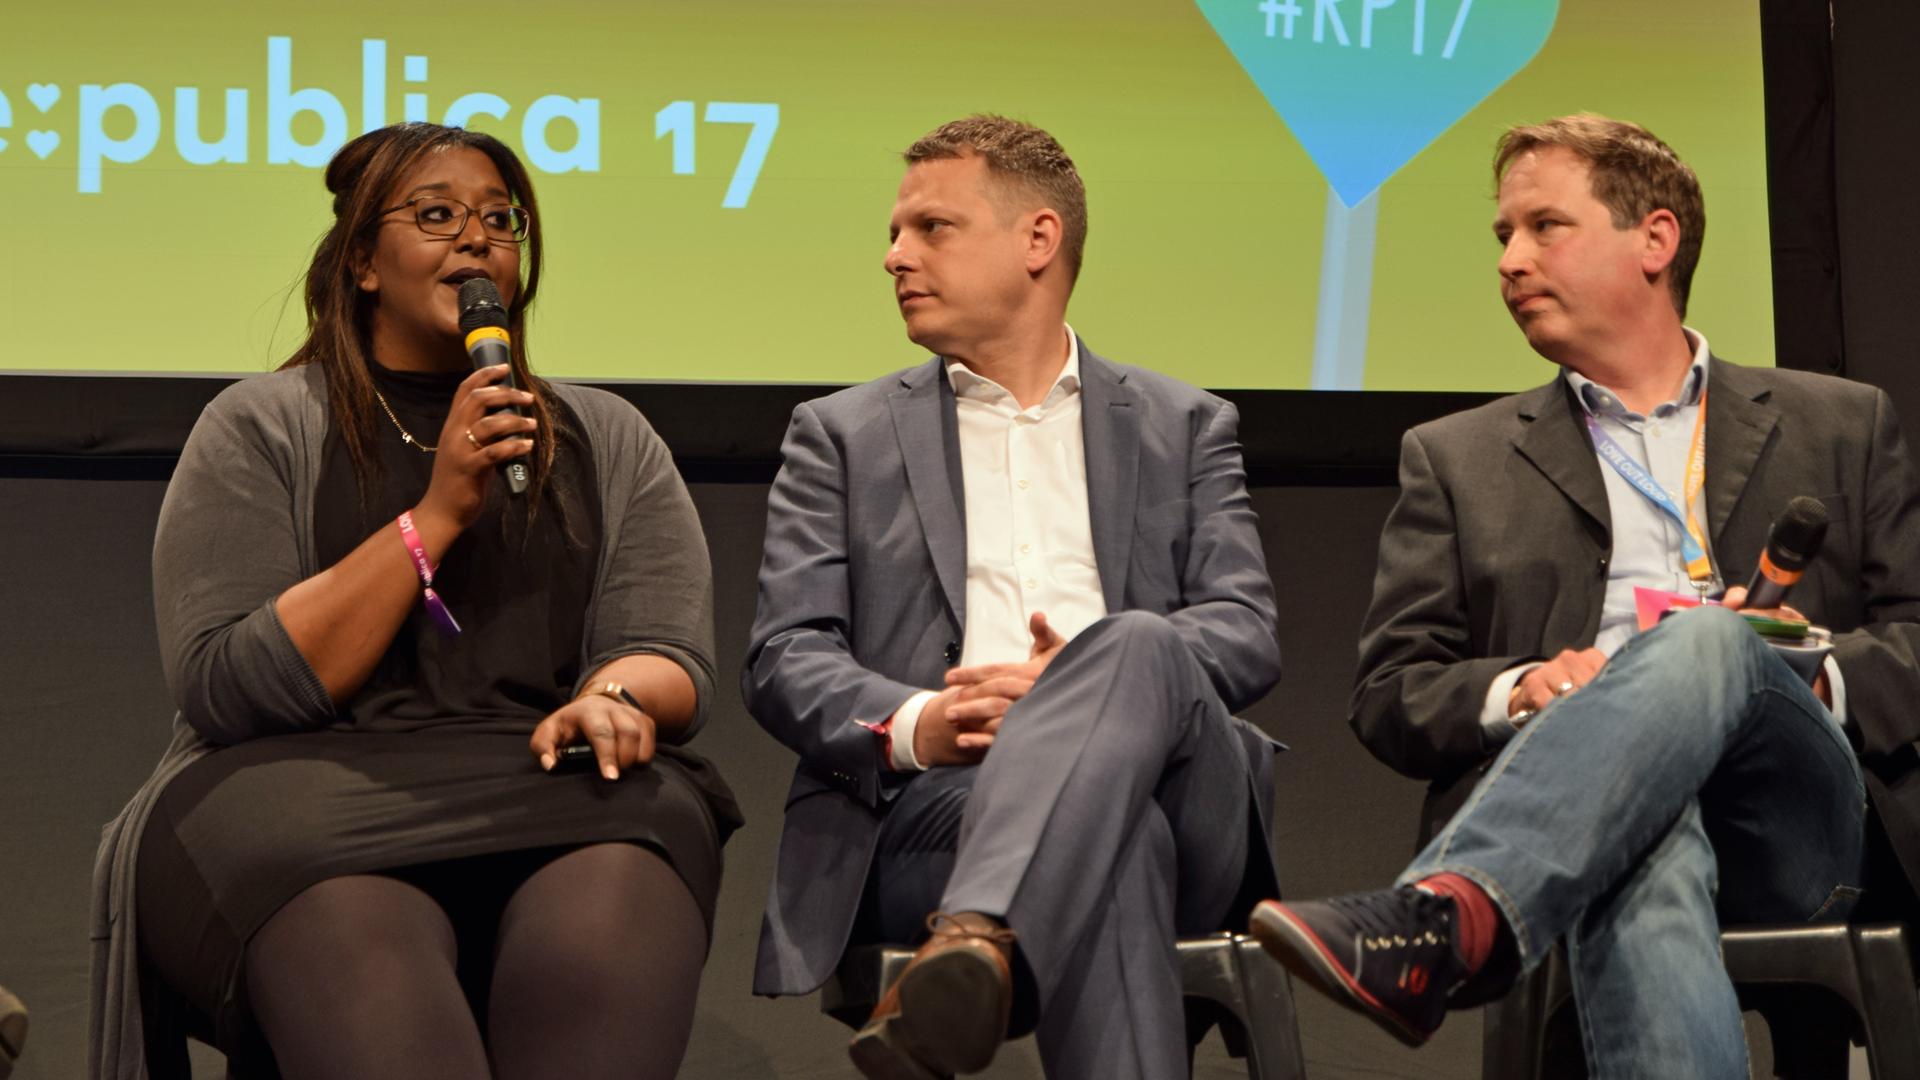 (v.l.) Niddal Salah-Eldin, David Biesinger und Journalist Patrick Gensing sprachen über Mittel gegen Fake News